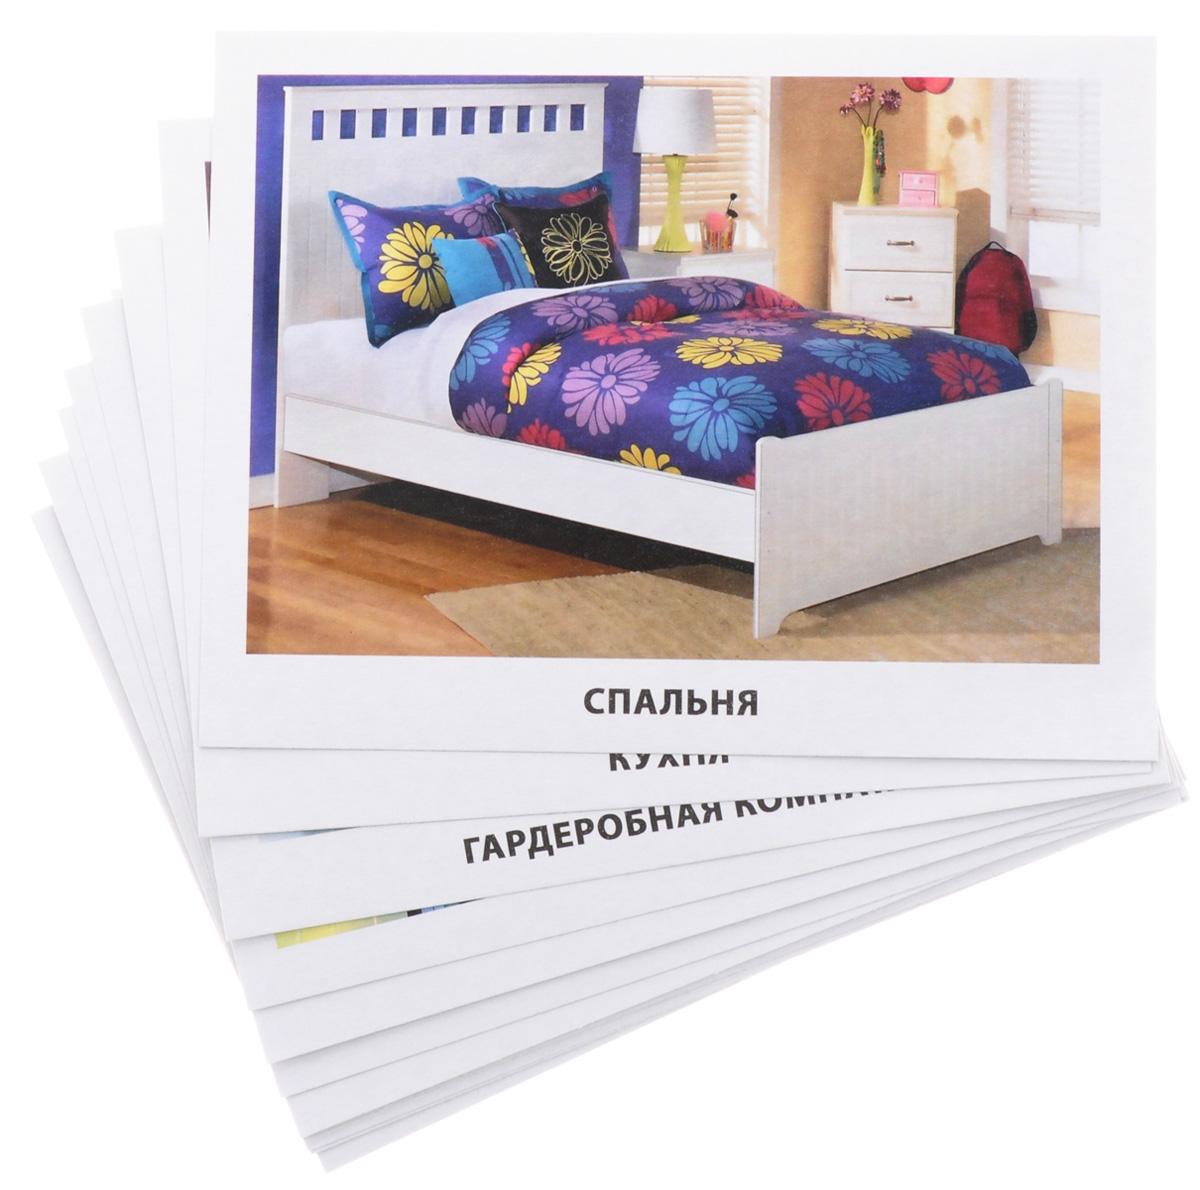 Наш дом (набор из 16 обучающих карточек)